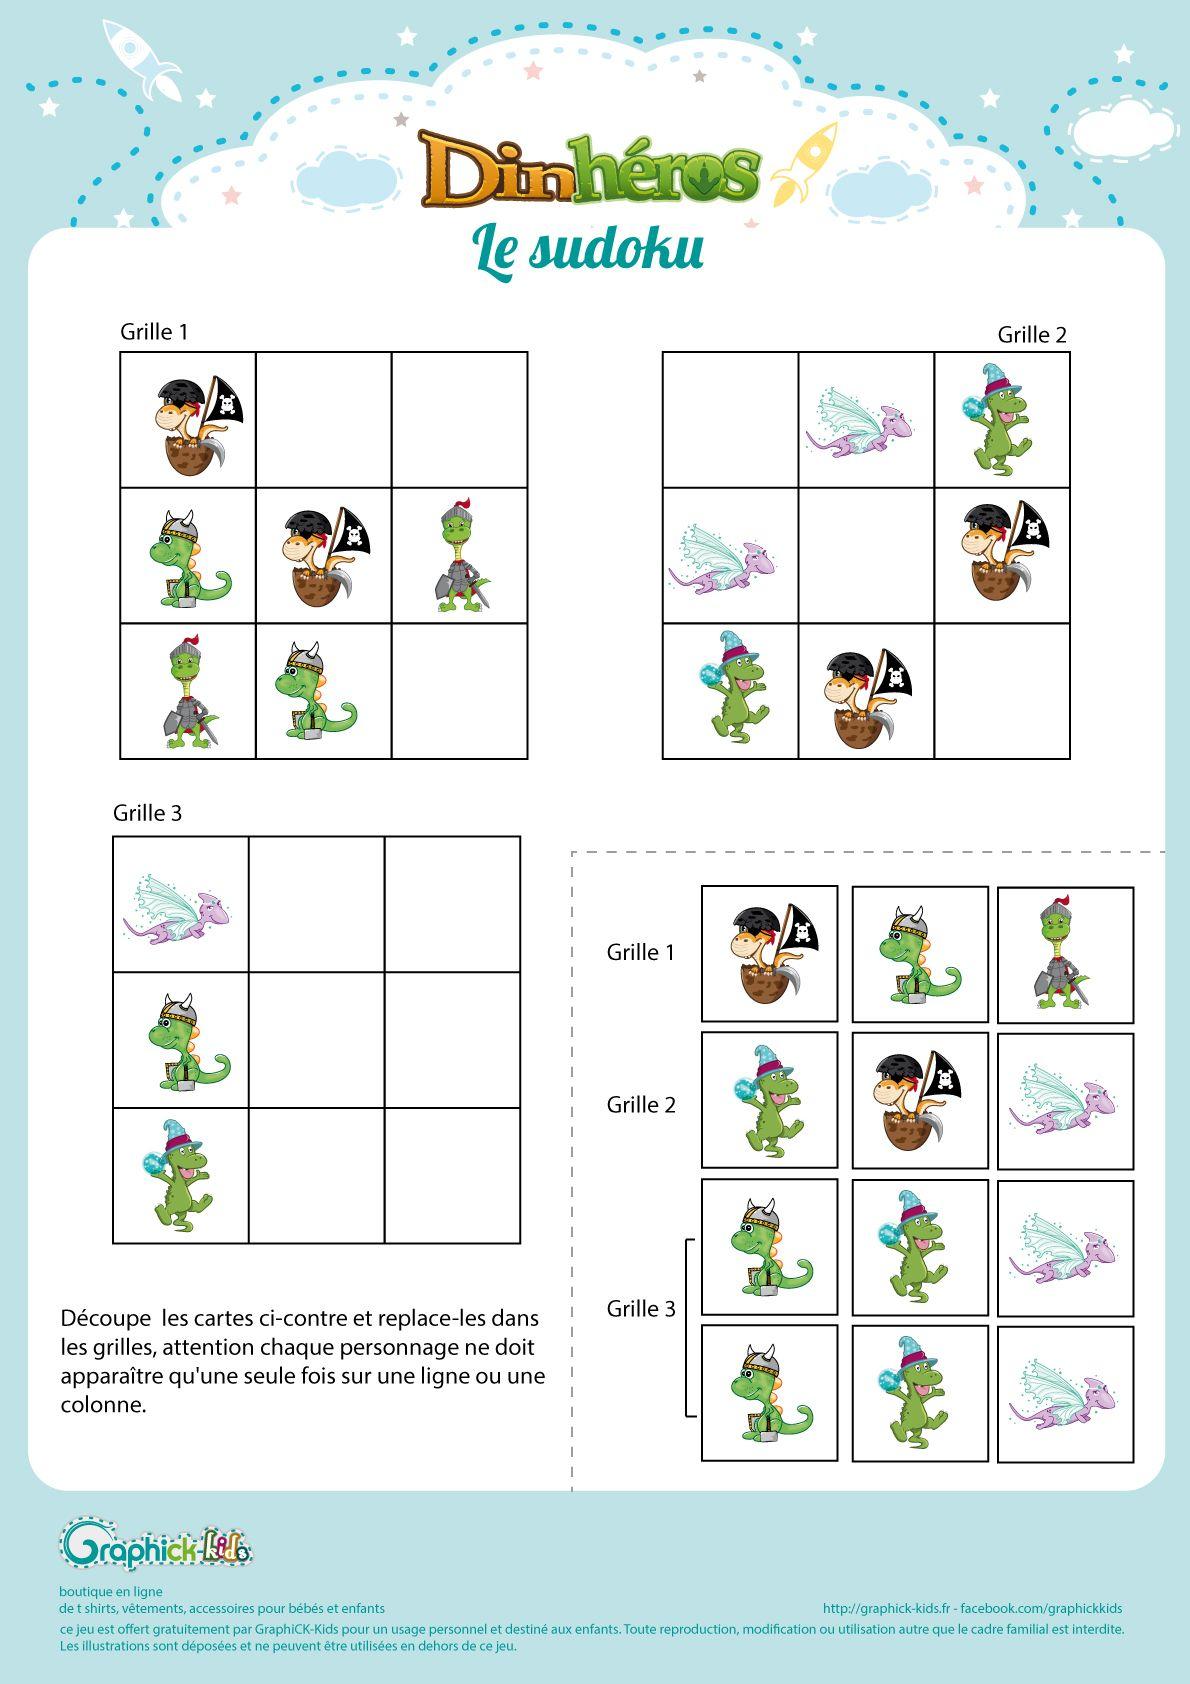 L'activité Du Mercredi : Le Sudoku Des Dinhéros dedans Jeu Le Sudoku